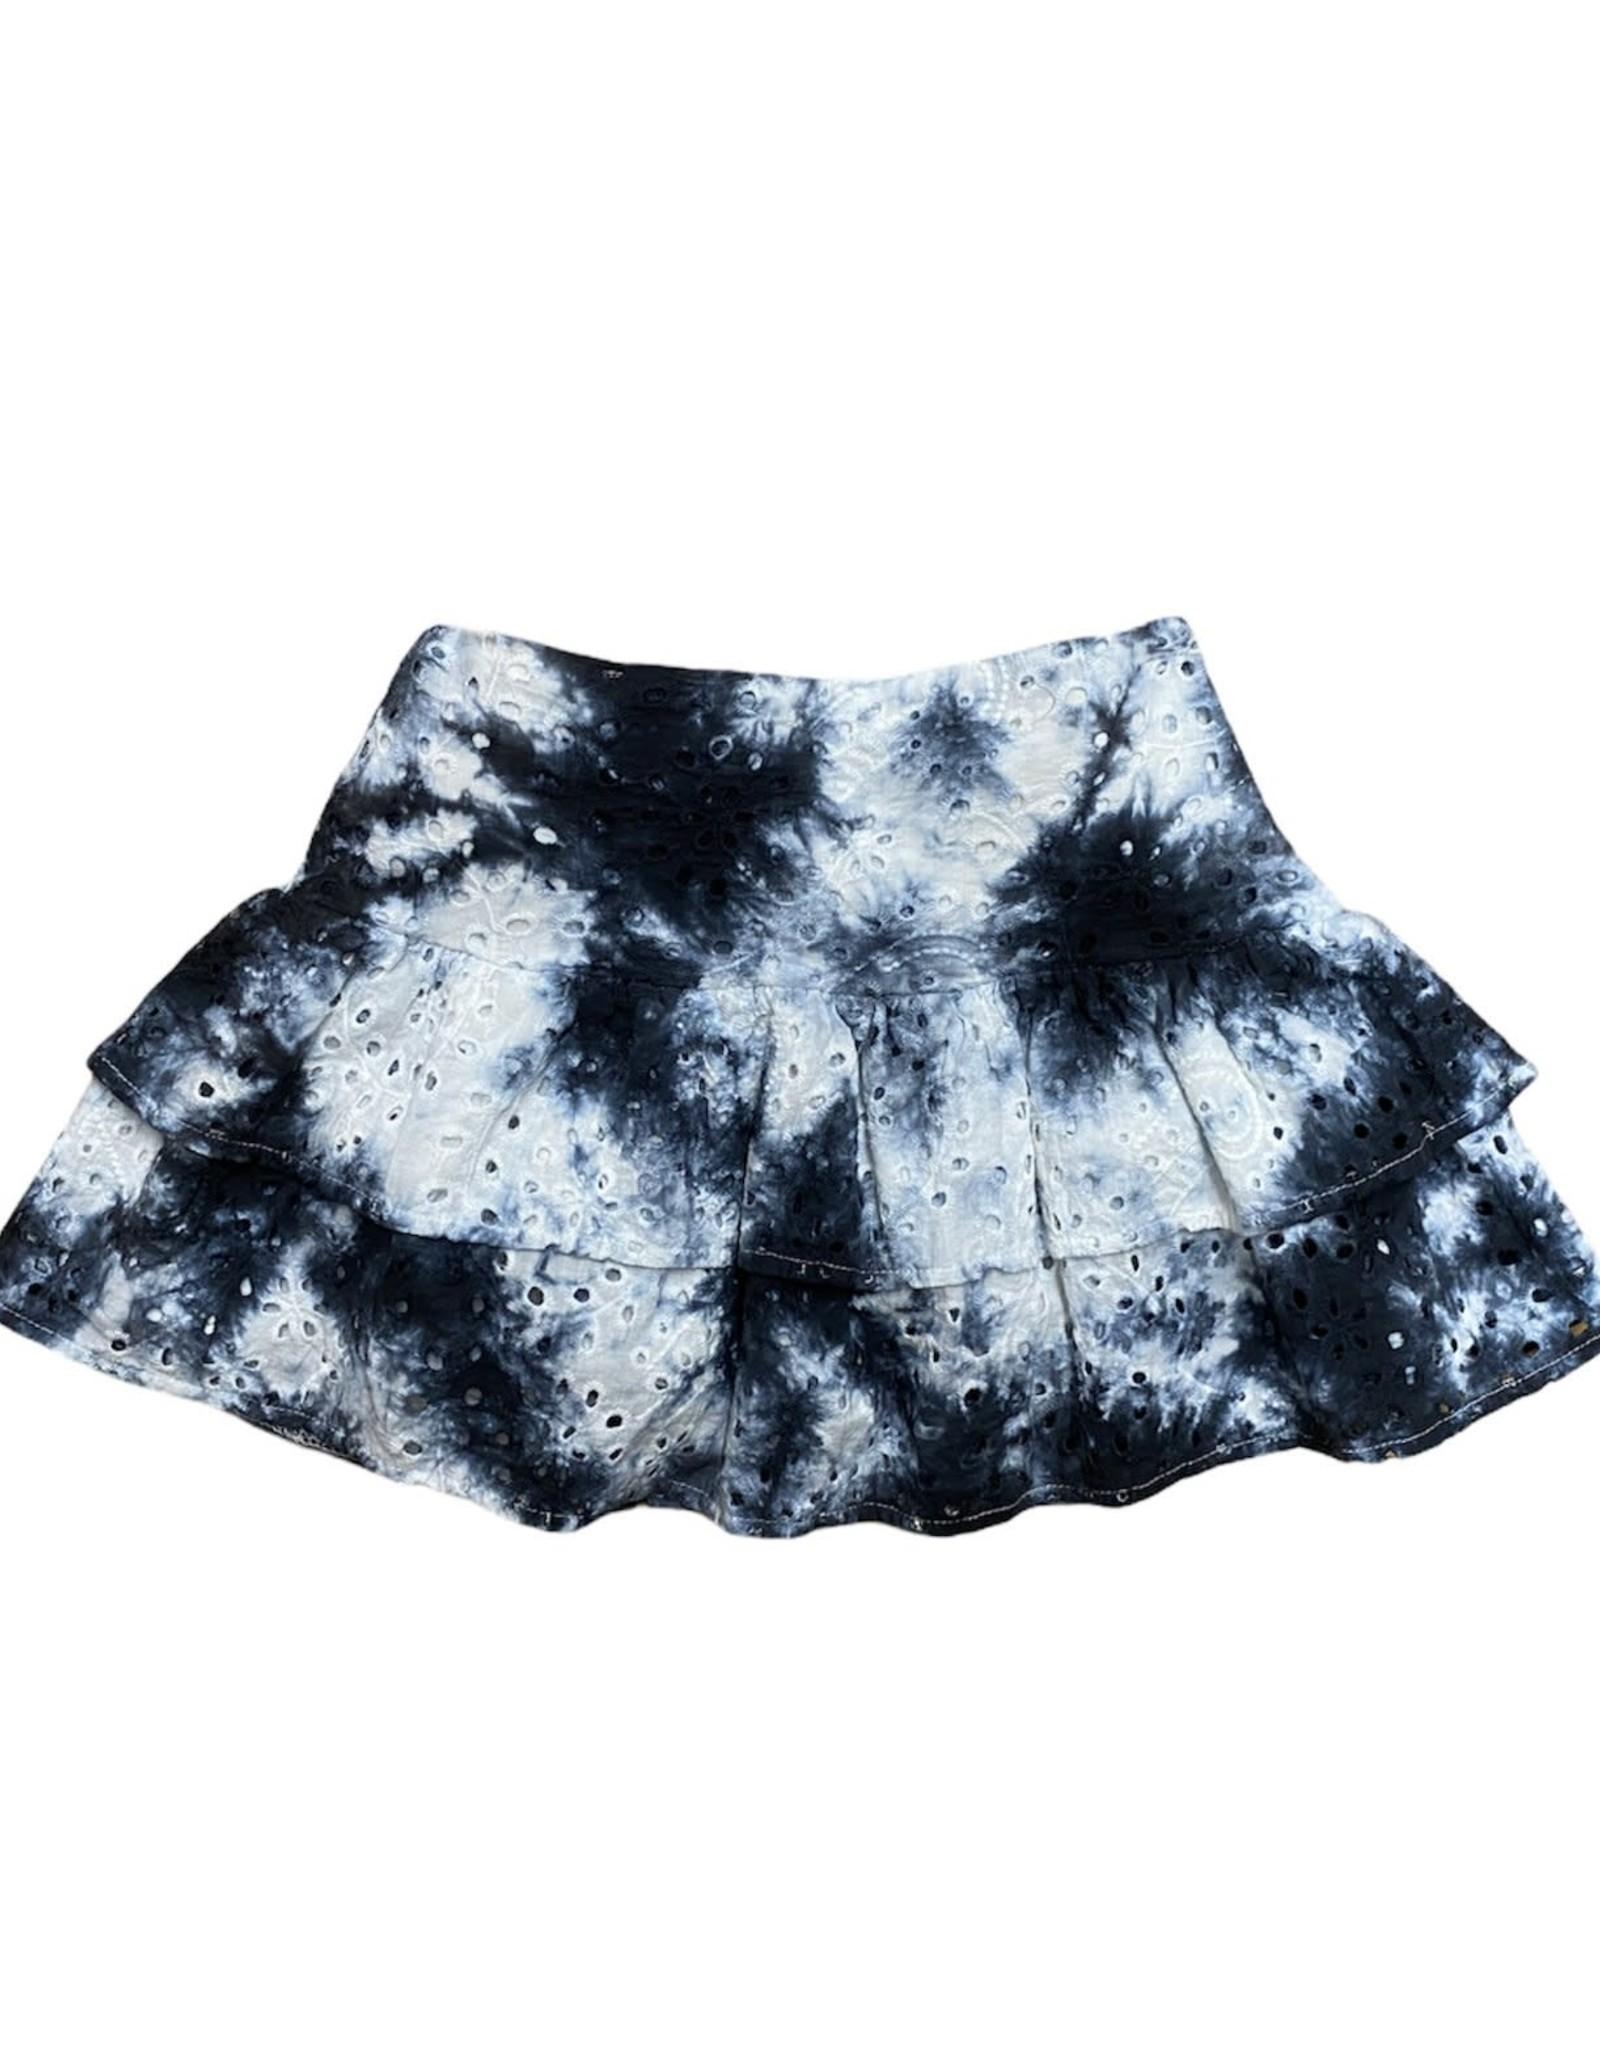 KatieJnyc Lily Skirt B/W Tie Dye